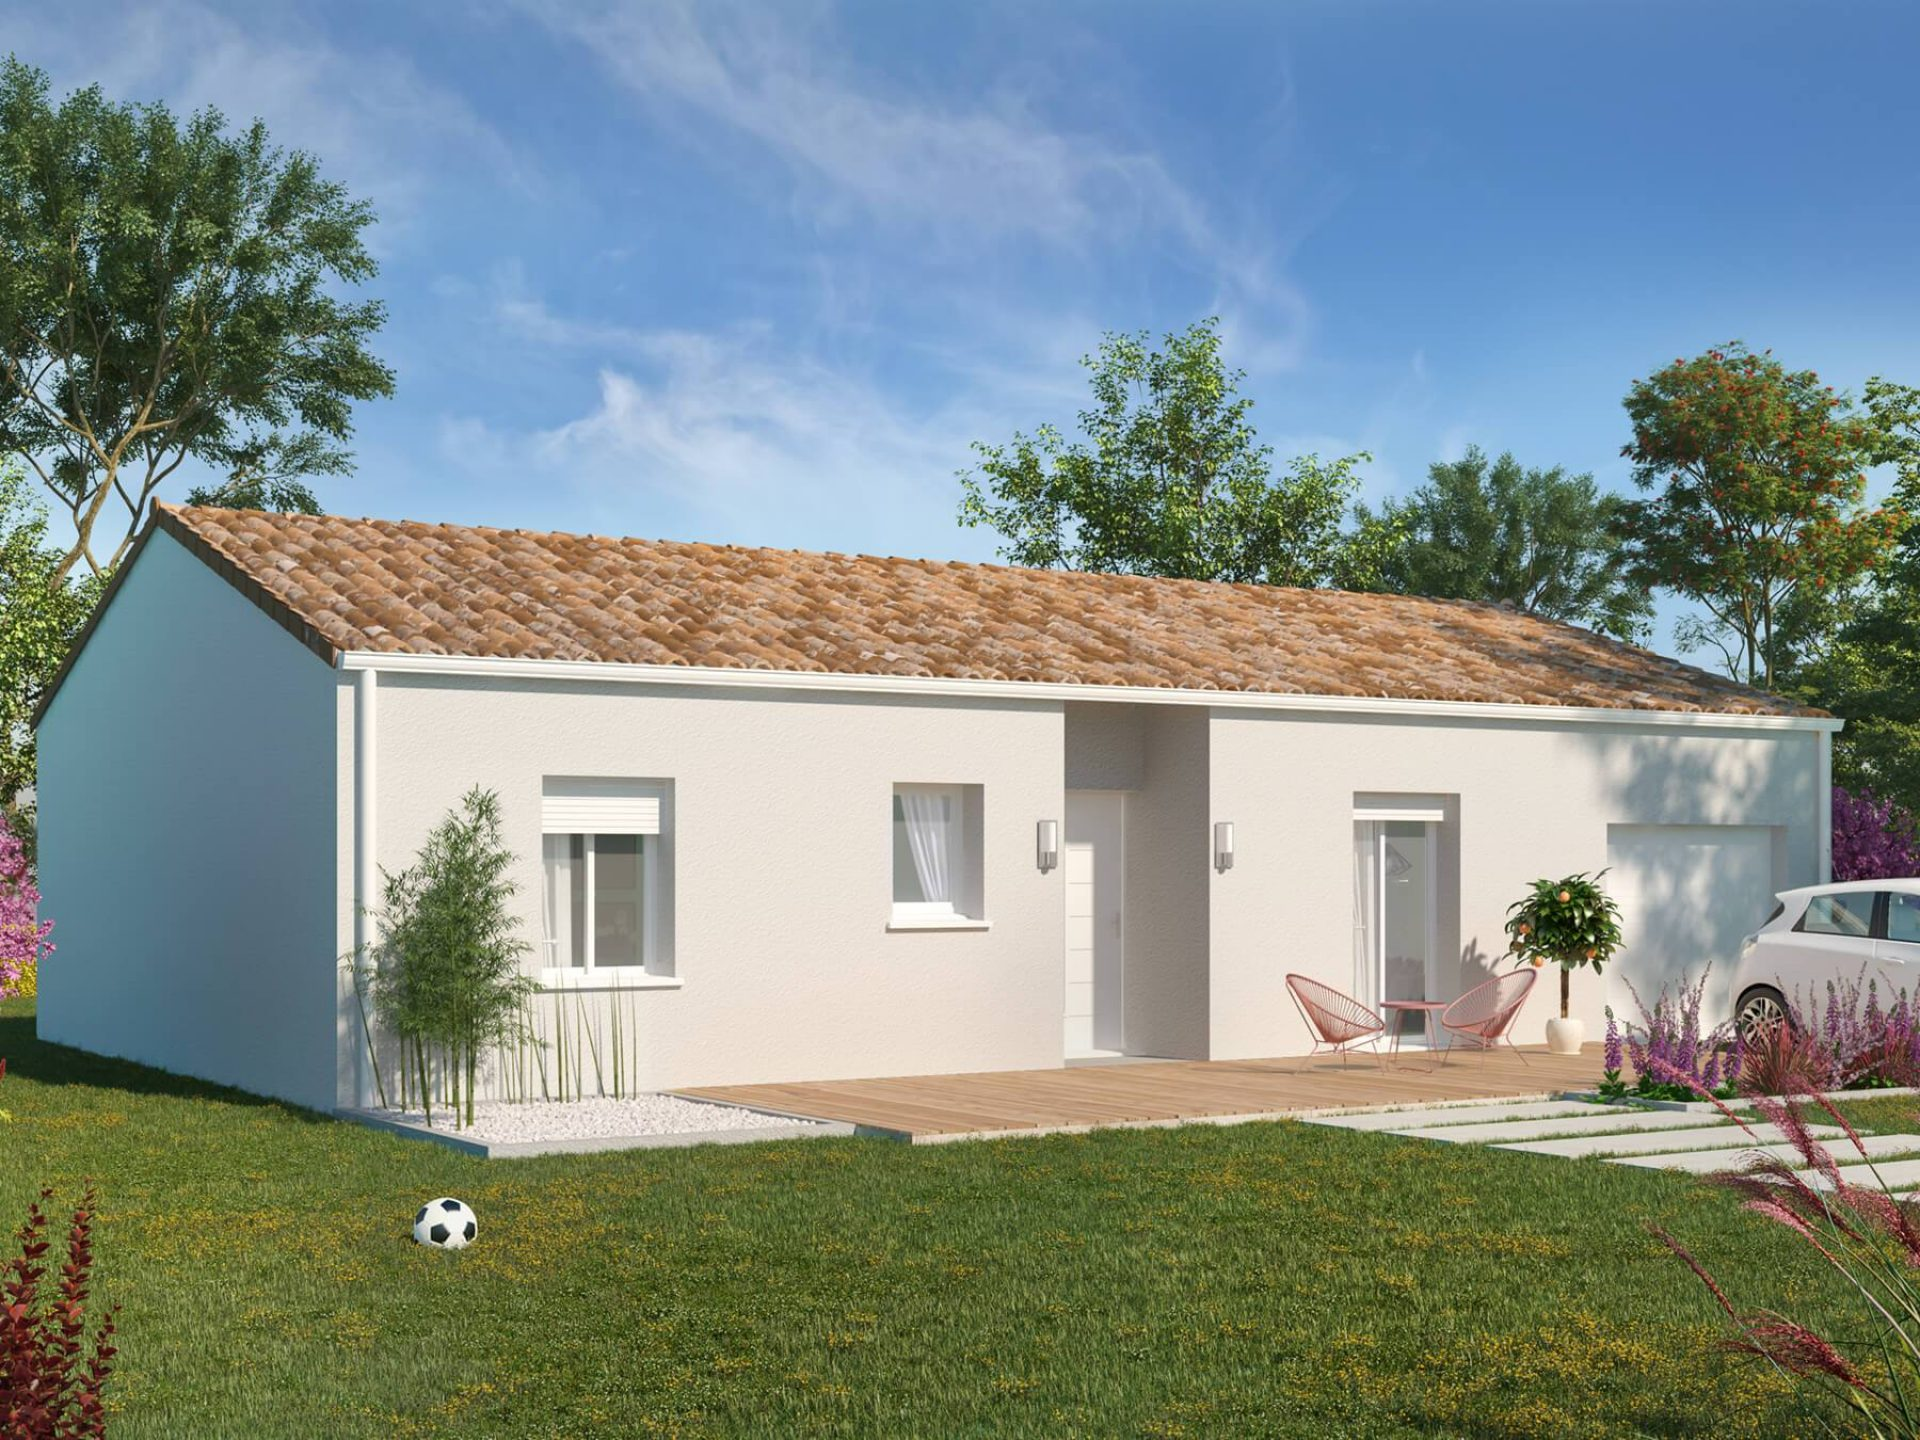 La maison Jeune Budget | 92 m² | 3 chambres